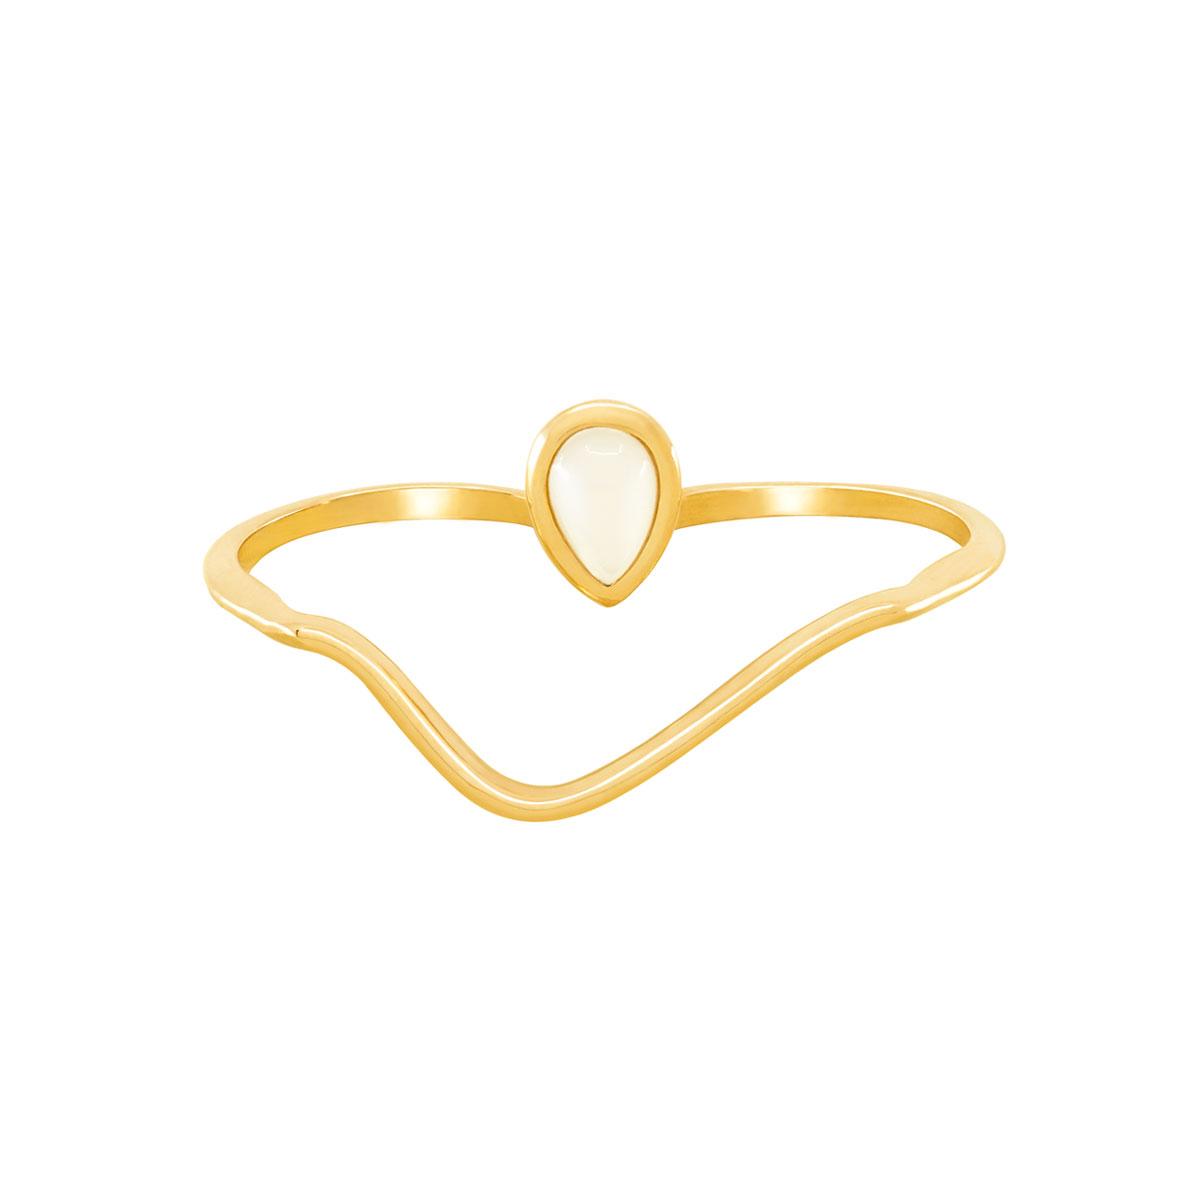 انگشتر طلا دو انگشتی صدف نگین دار پرسته